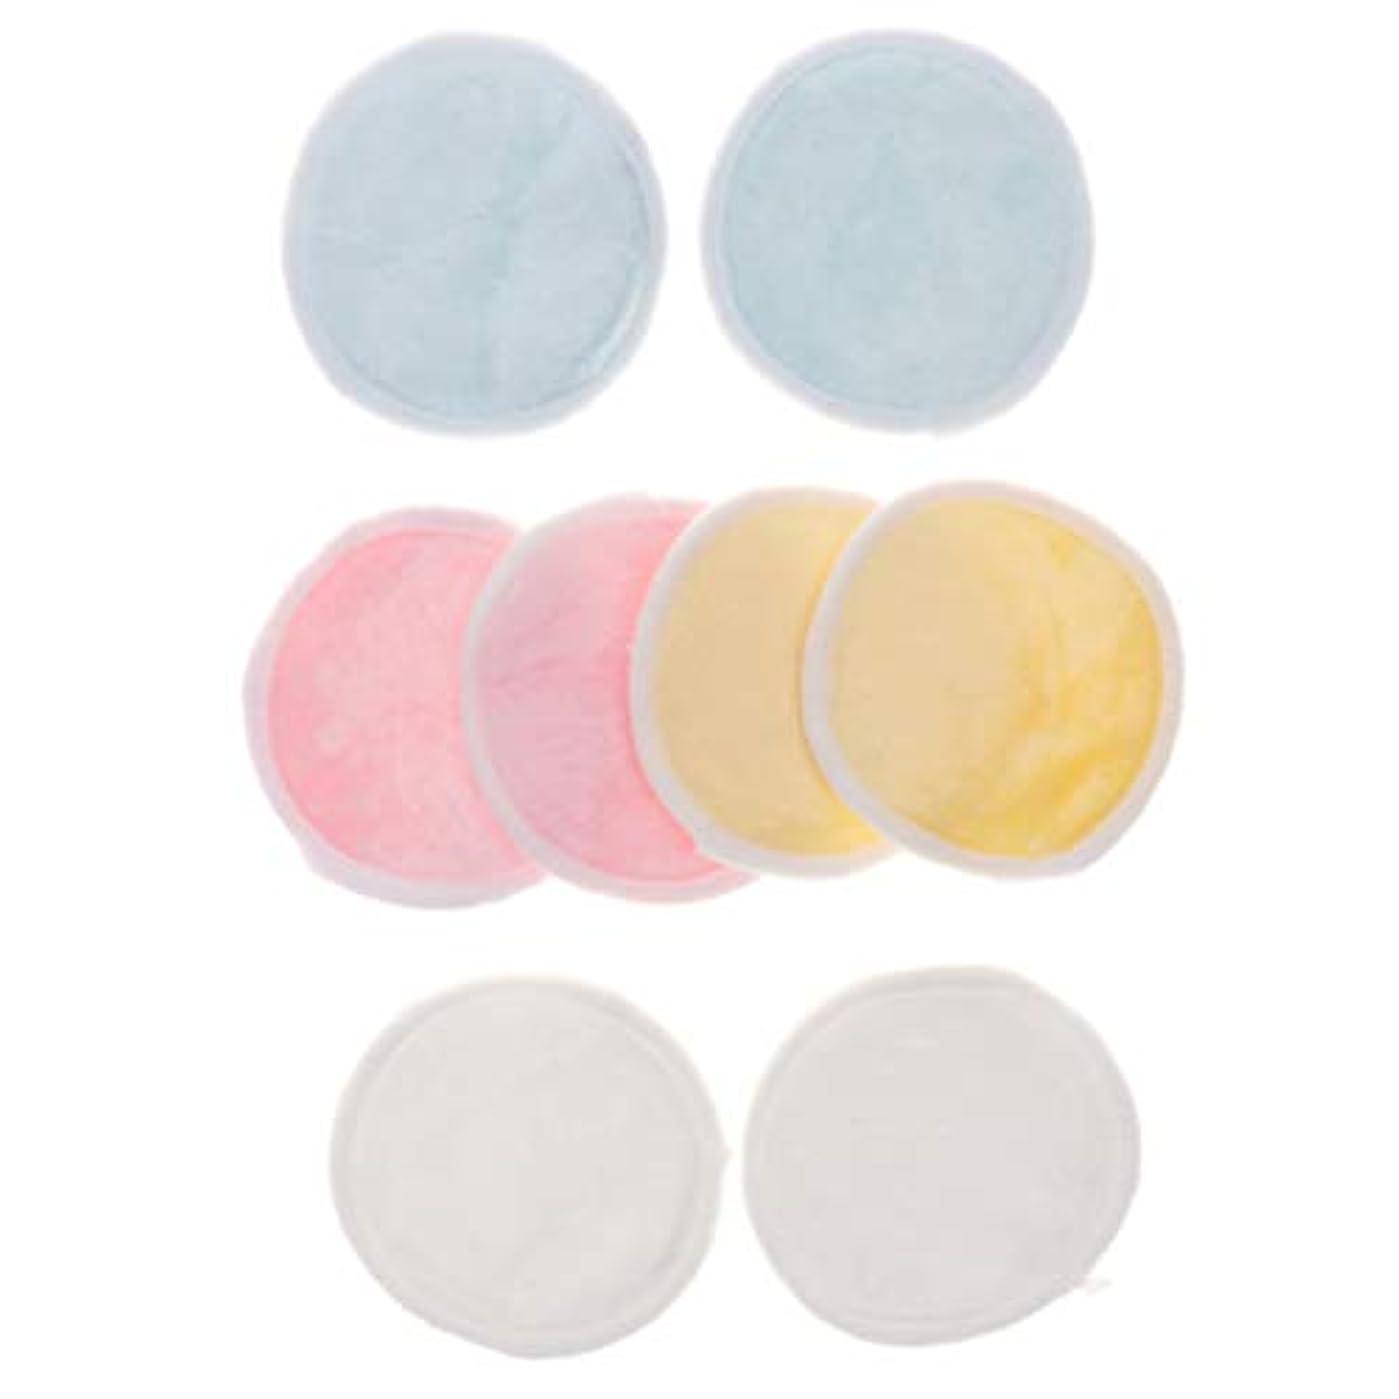 フェードアウト代わりの比類なきクレンジングシート 化粧落としパッド メイク落としコットン 再使用可 化粧用 持ち運びに便利 8個入